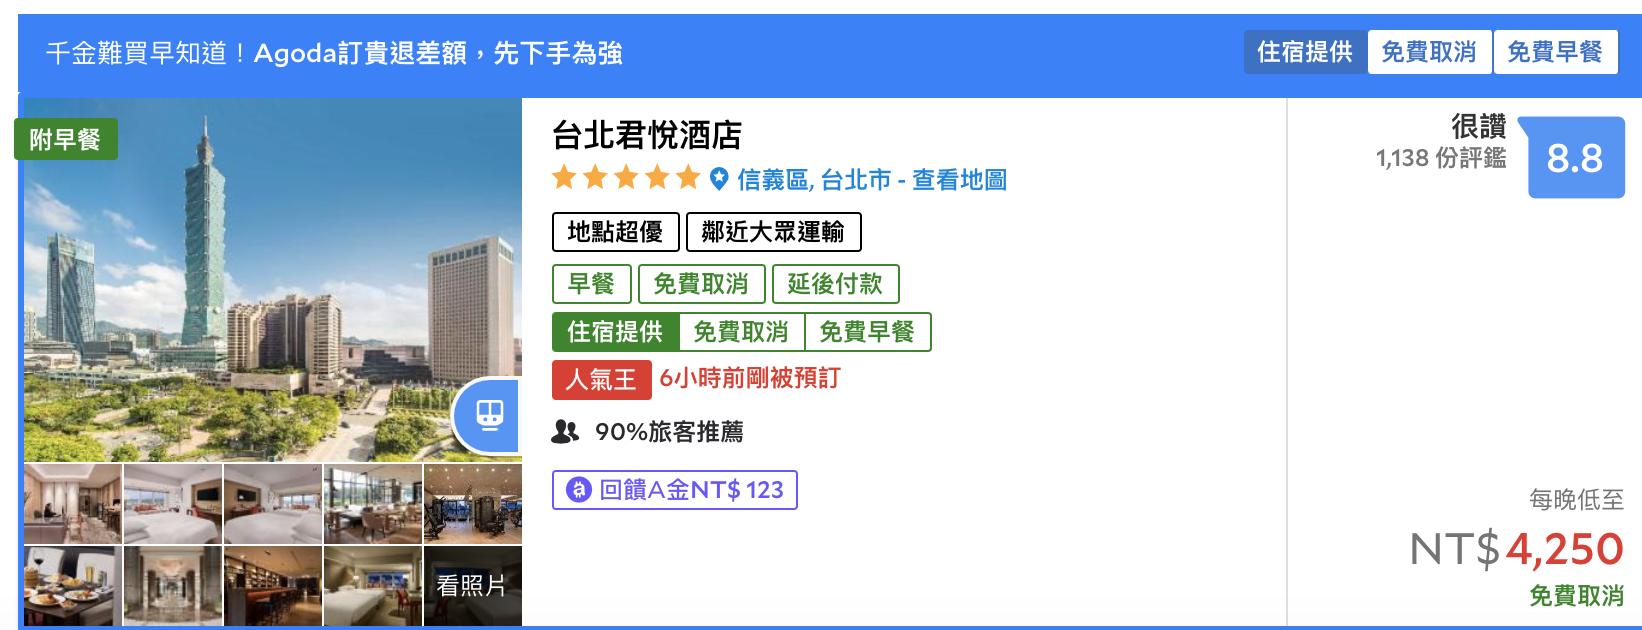 君悅軍公教專案|折扣數越來越多,配合安心補助最低2.8K可入住~